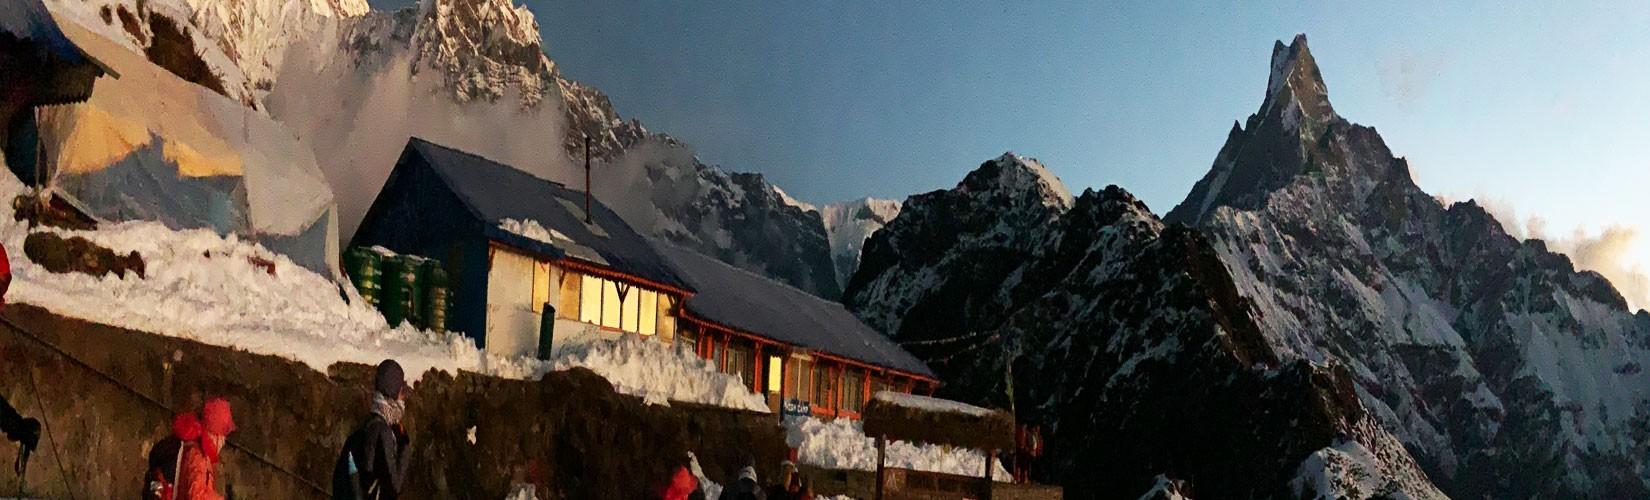 https://www.indexadventure.com/mardi-himal-trekking